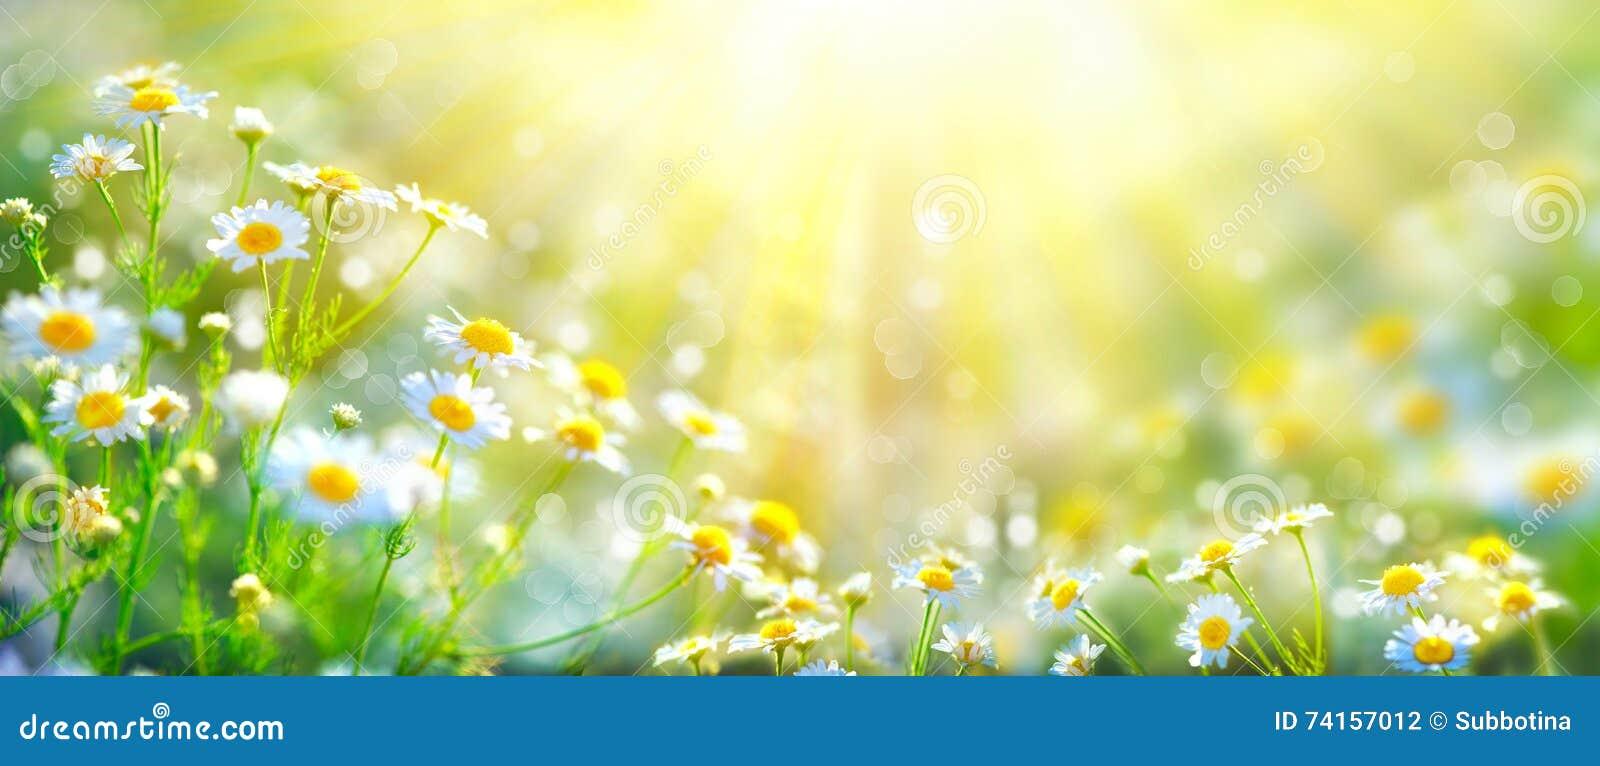 与开花的春黄菊的美好的自然场面